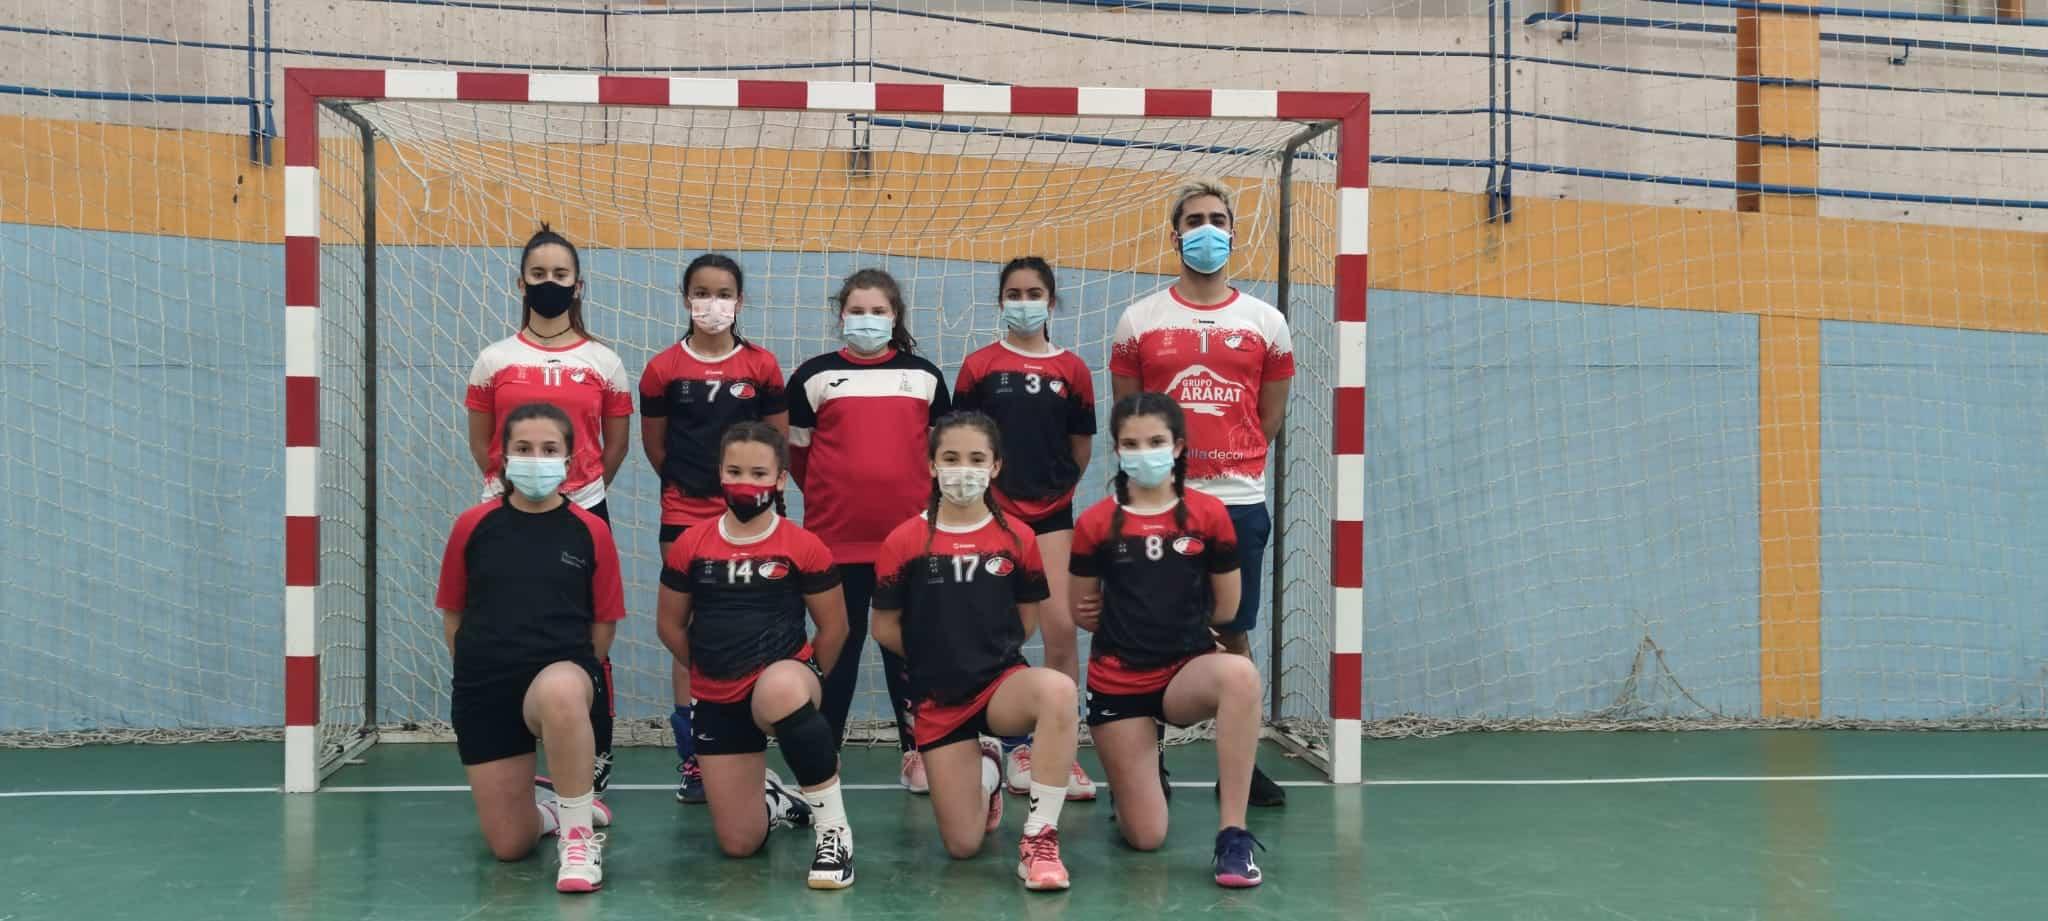 Balonmano en la semana del deporte escolar en Herencia 9